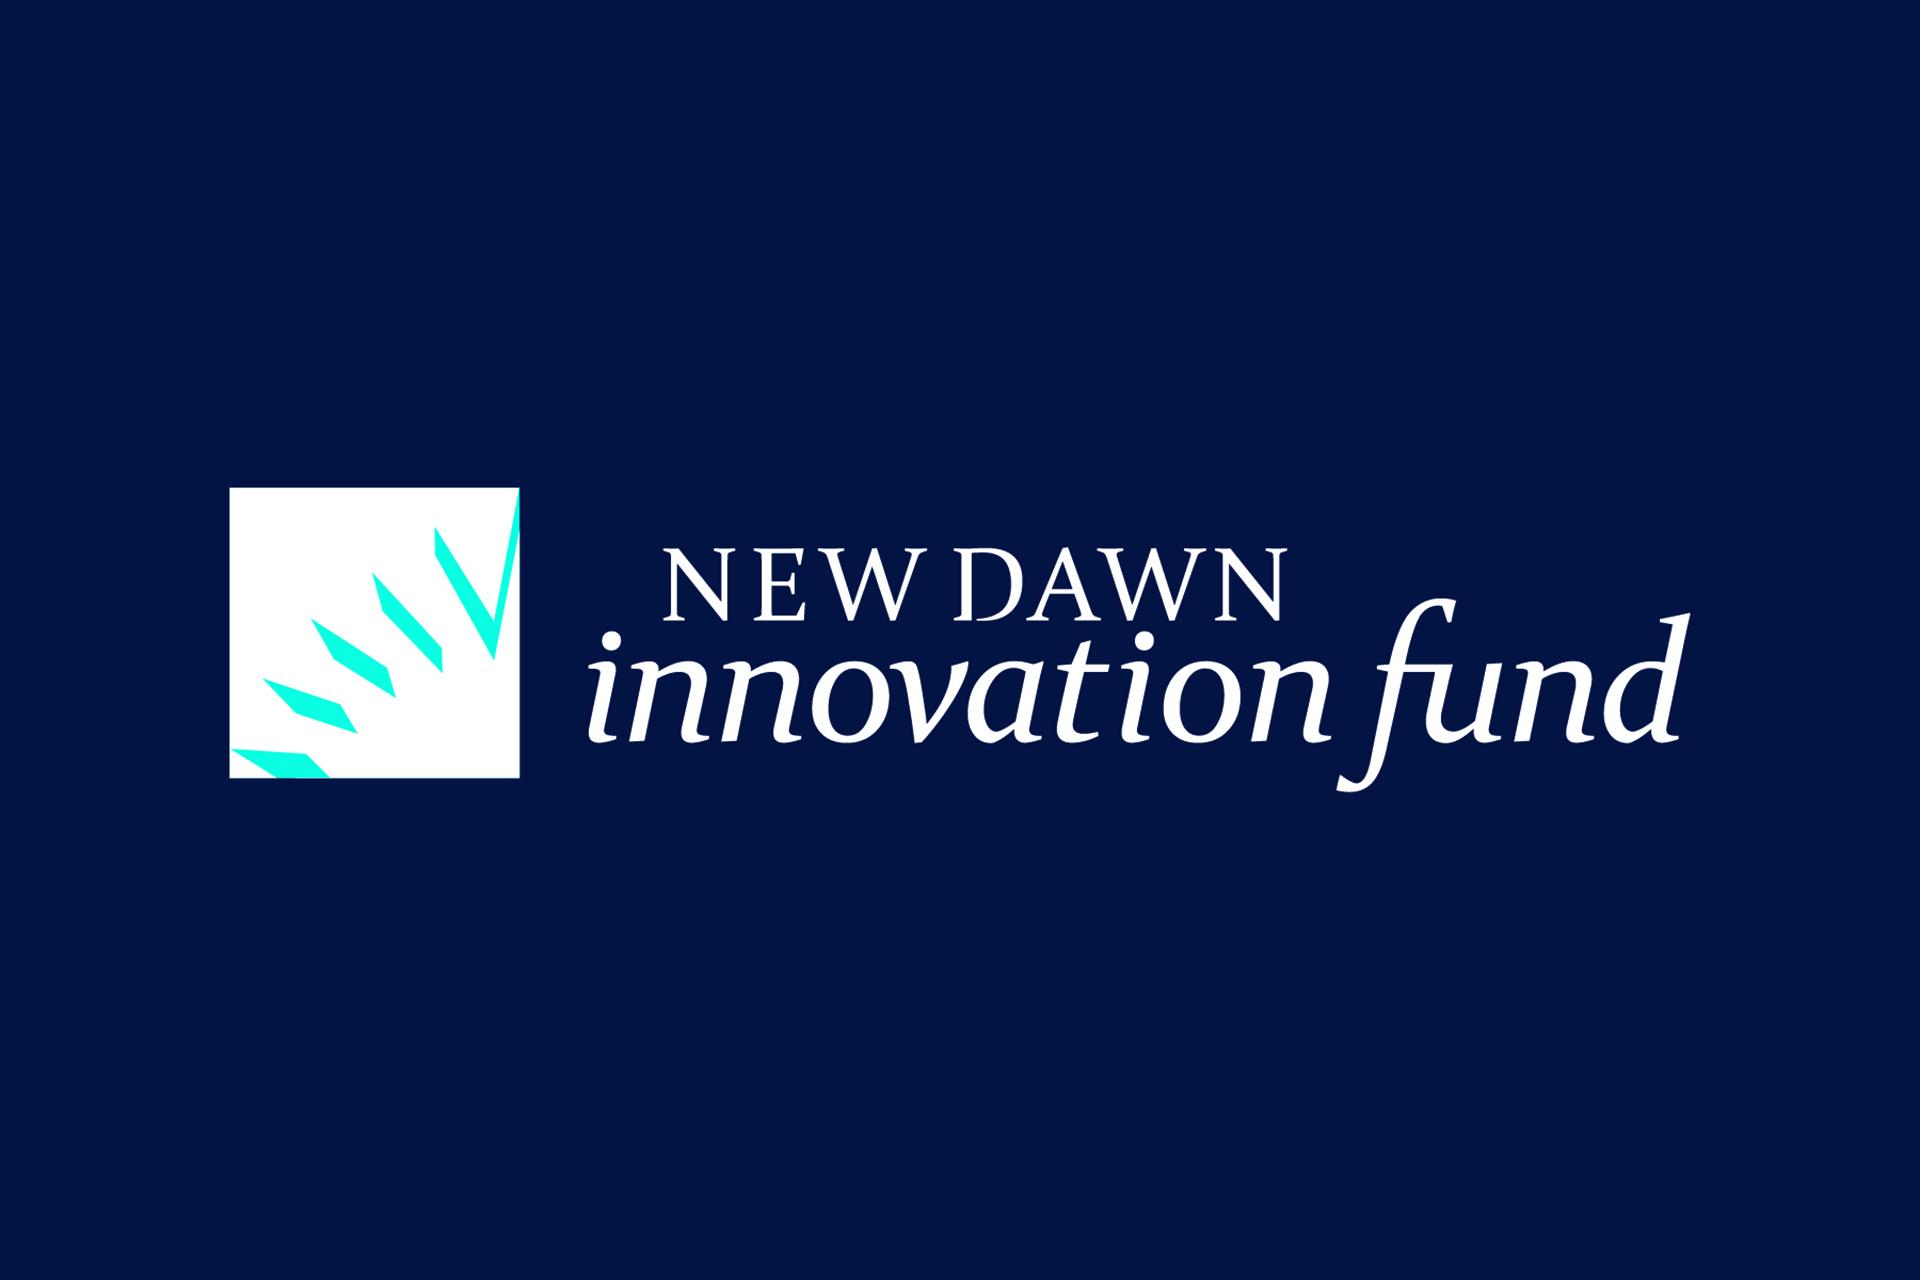 New Dawn Innovation Fund